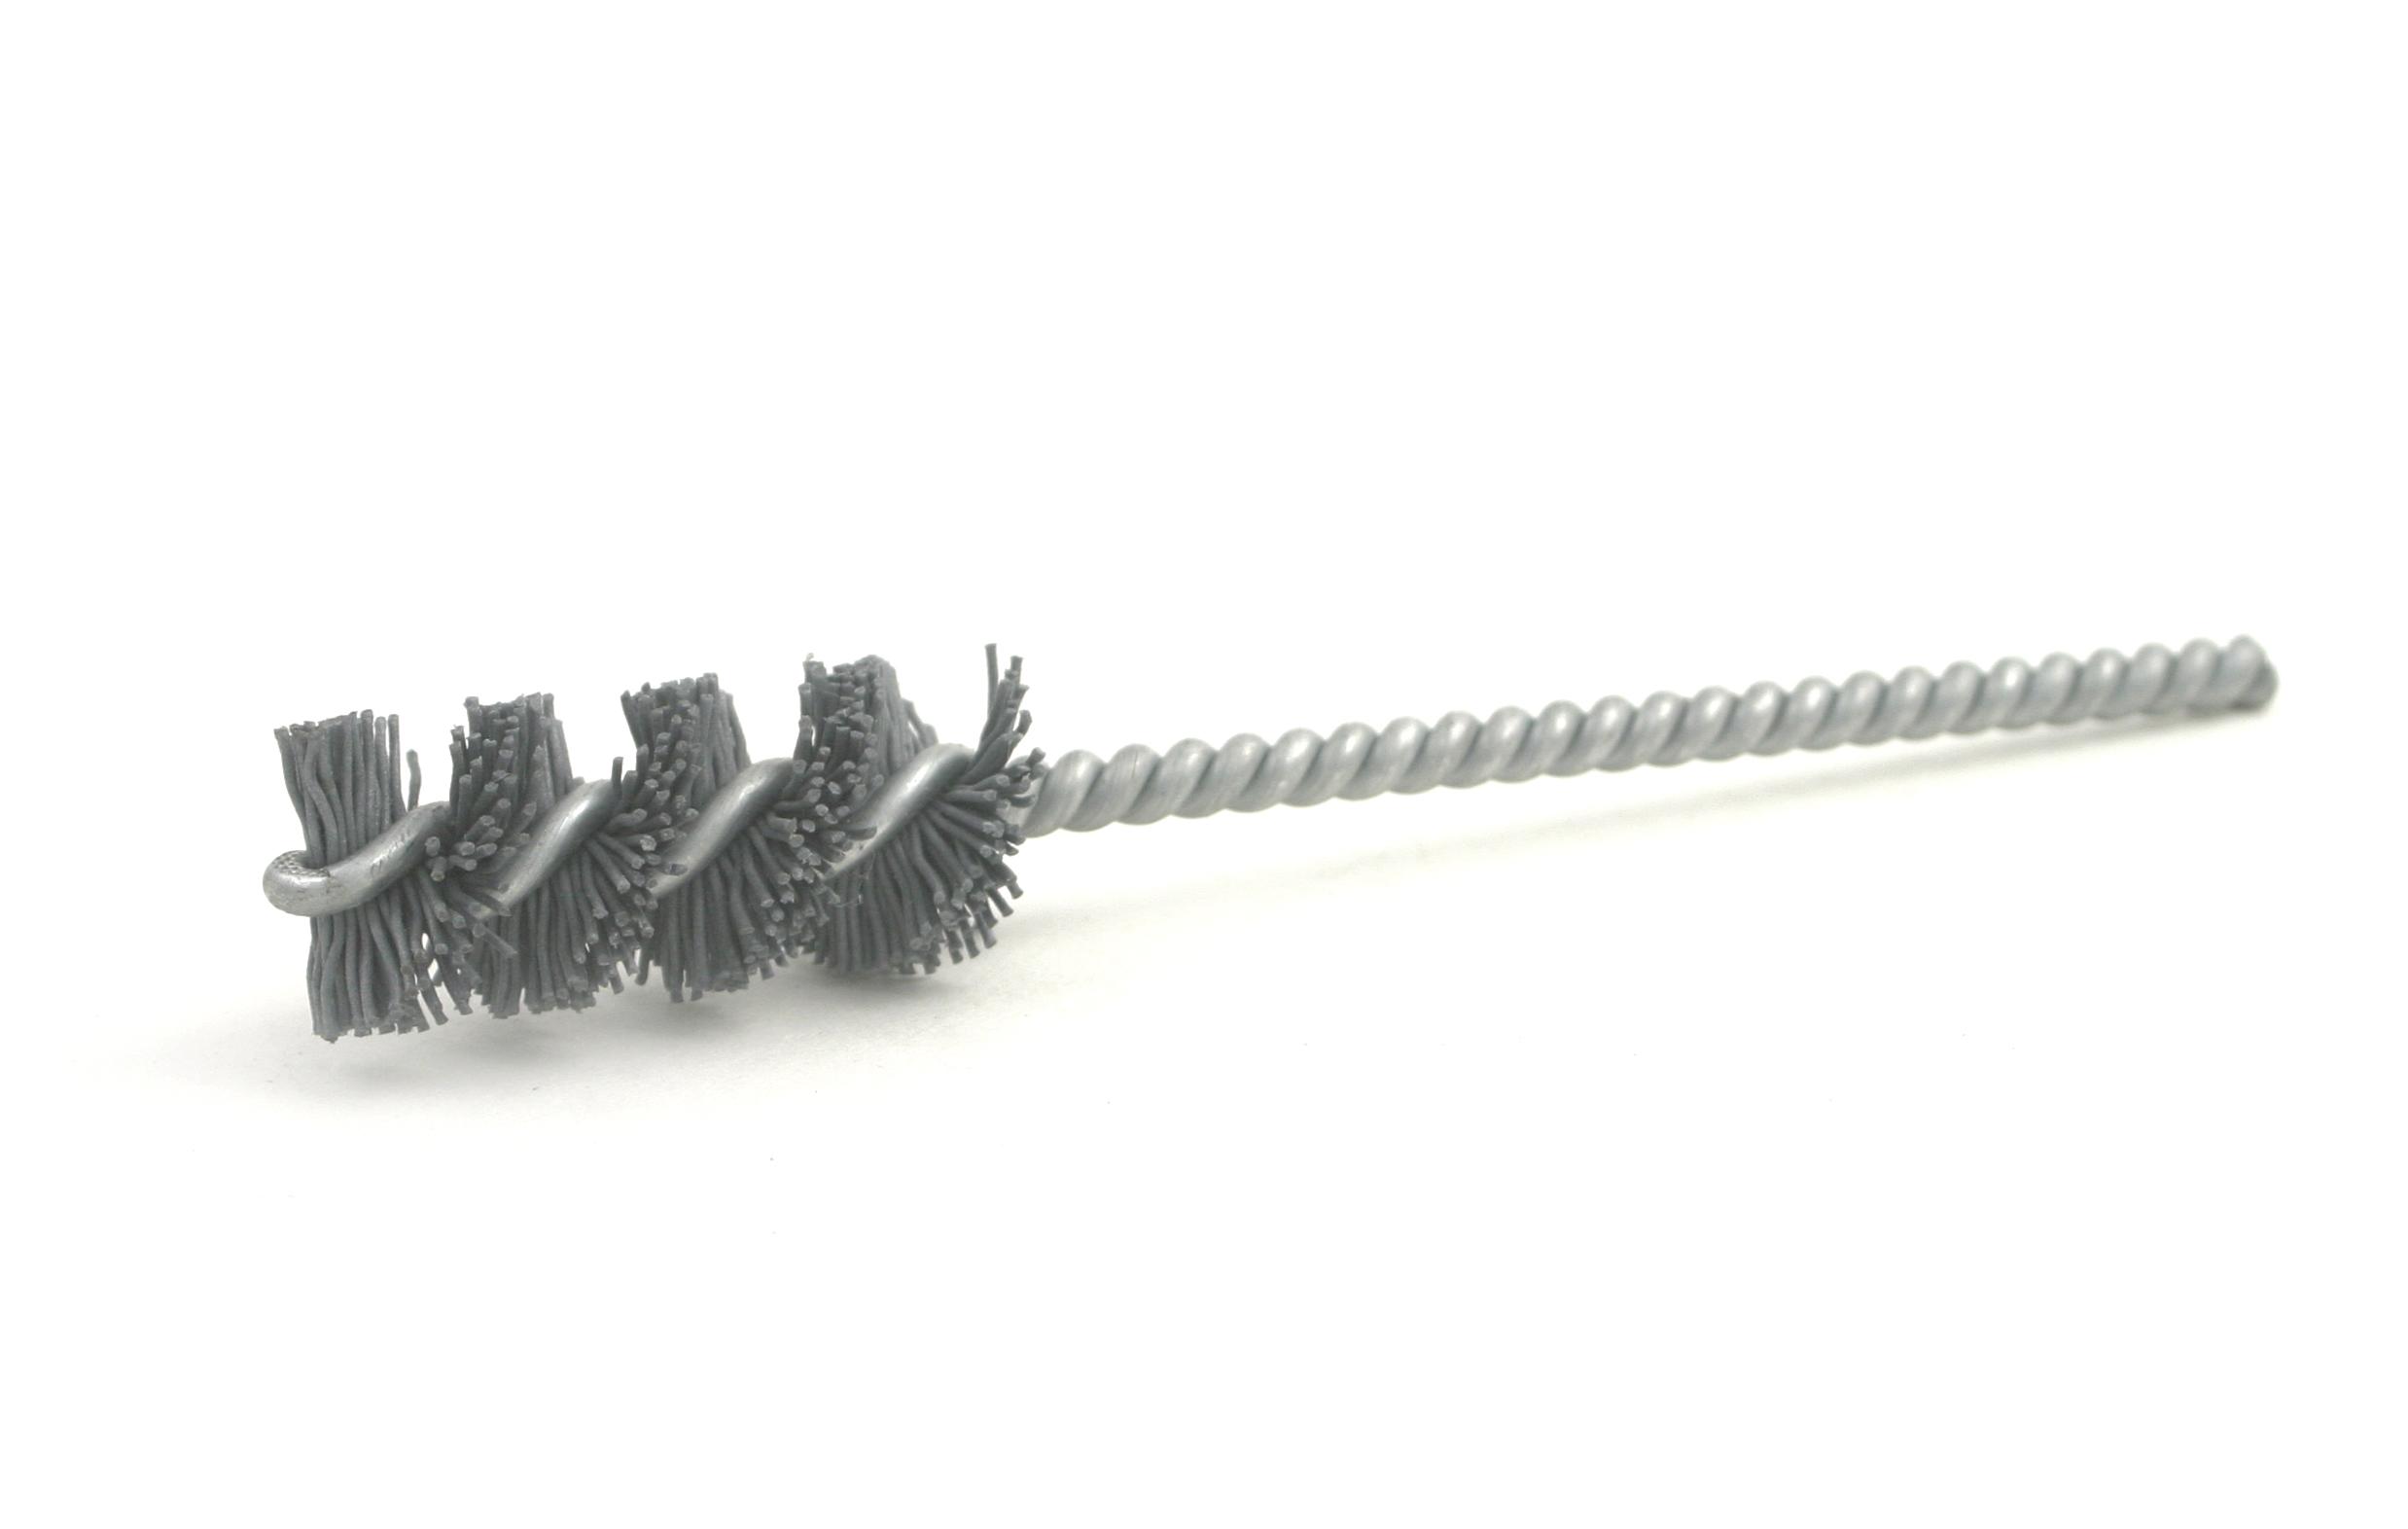 Serie 85 AY - Standard-Entgratwerkzeuge für Sacklöcher